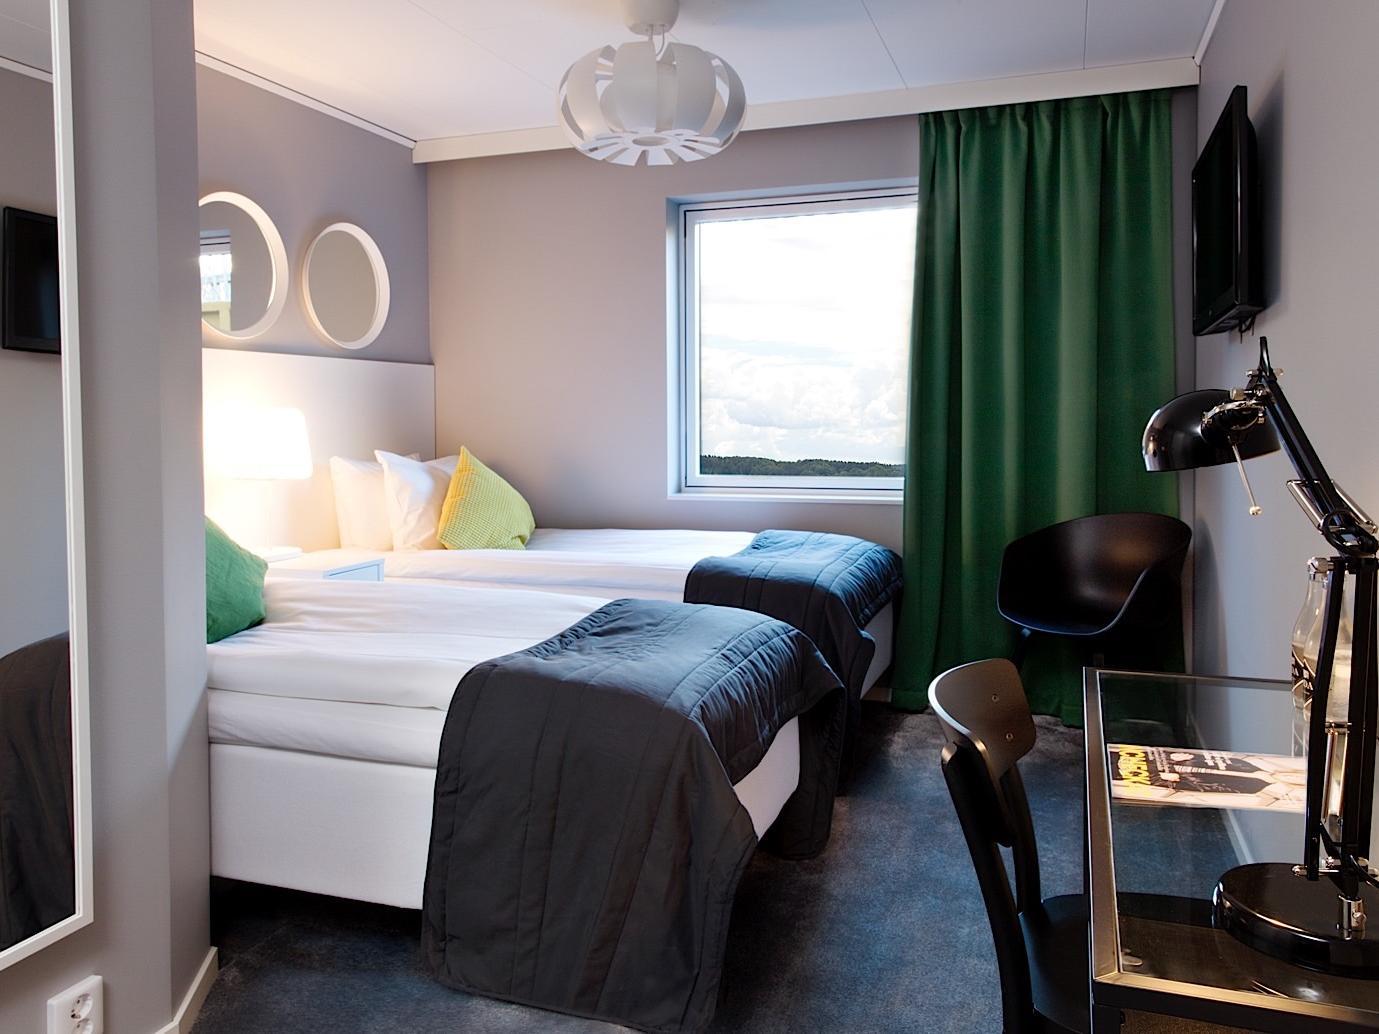 Comfort Twin Room at Welcome Hotel in Järfälla, Sweden